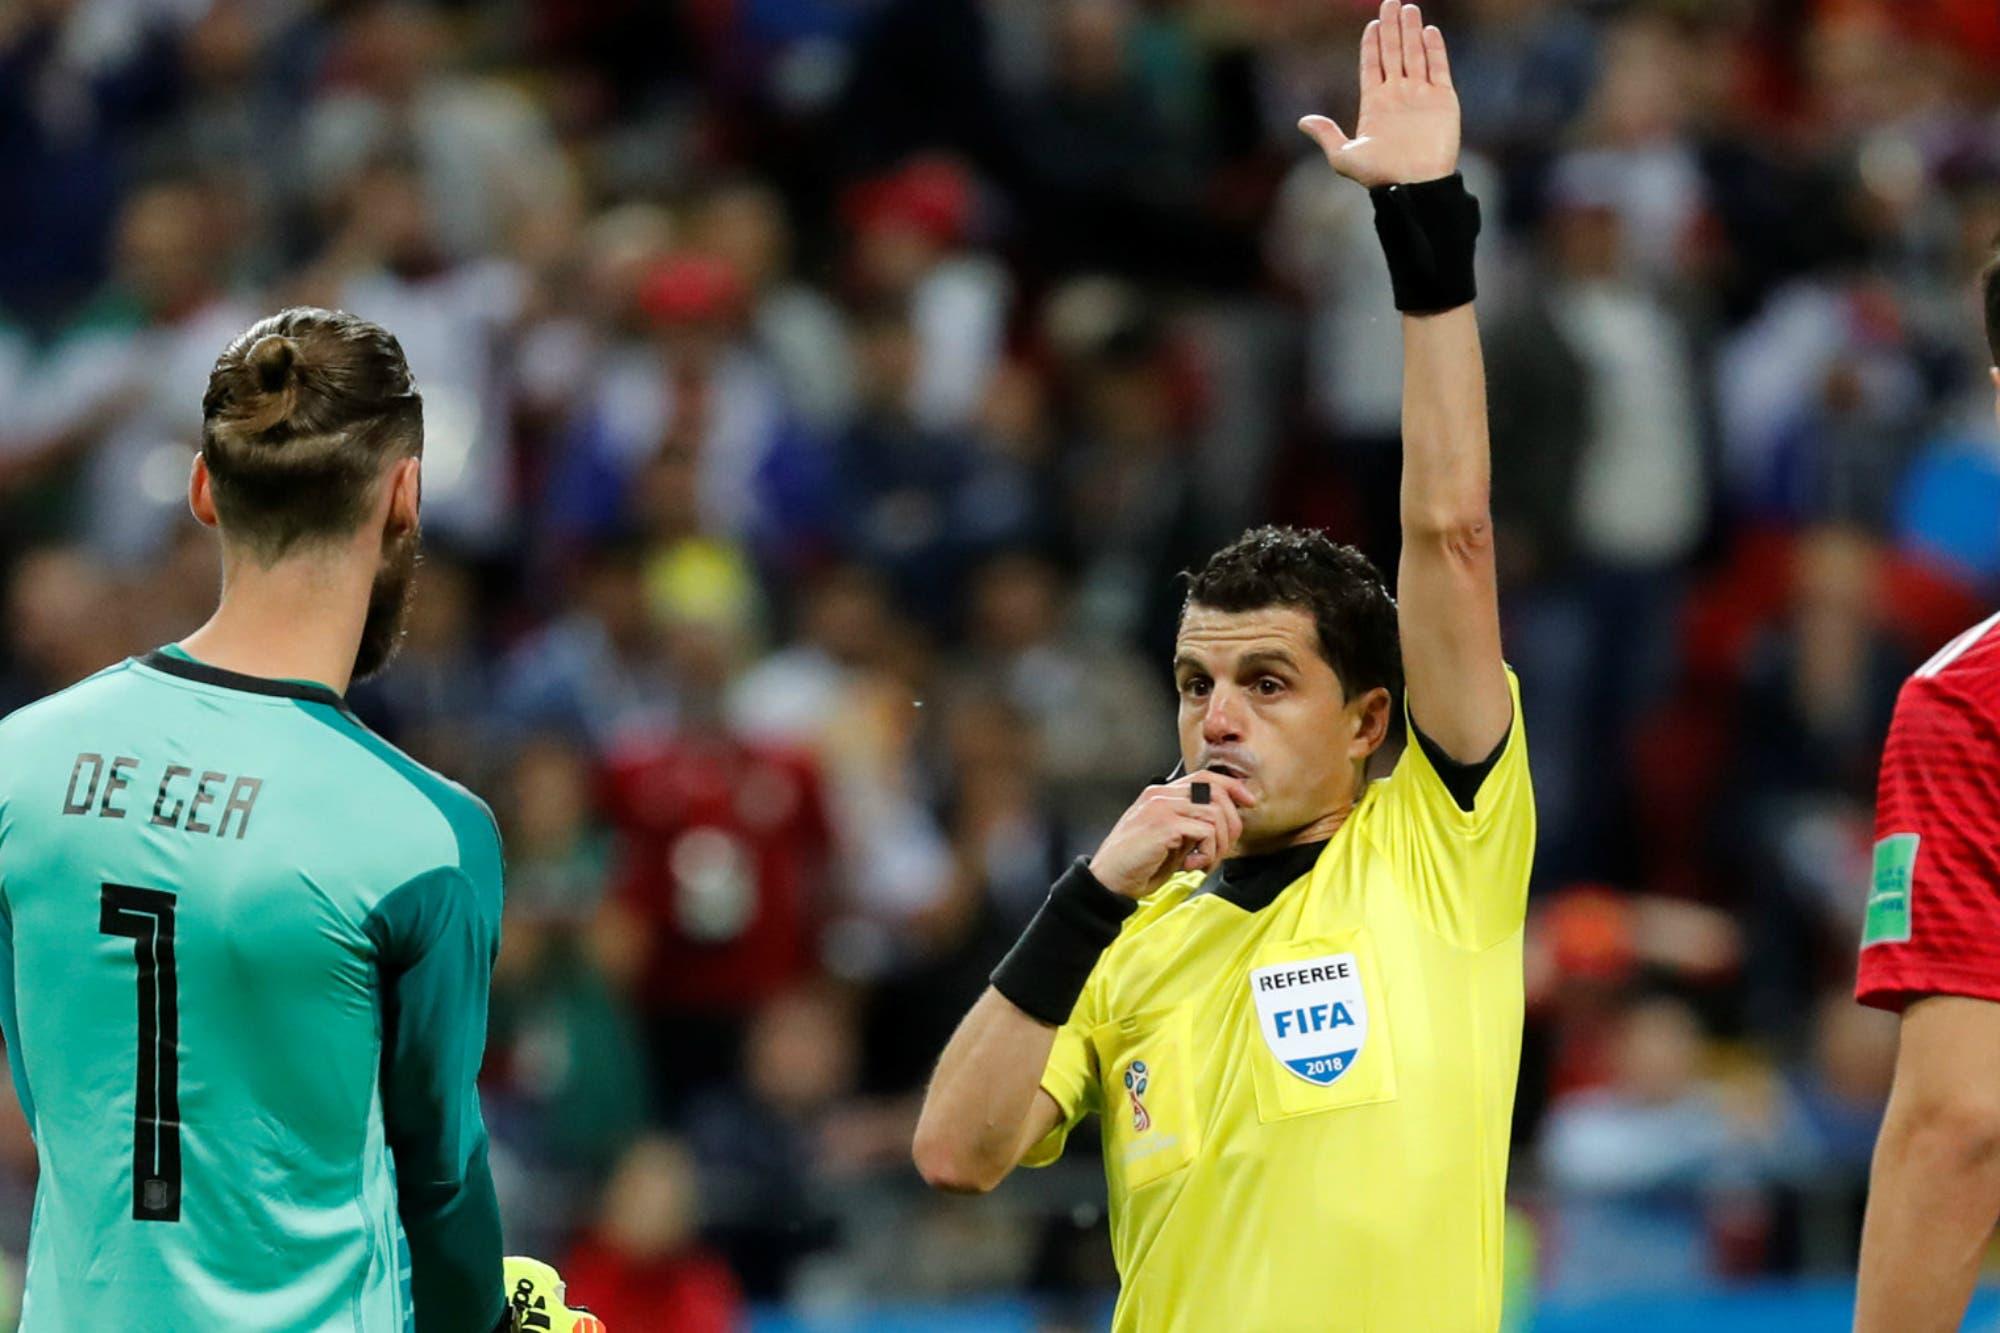 El árbitro del VAR de Lanús-River dirigirá la semifinal del Mundial Rusia 2018 entre Francia y Bélgica